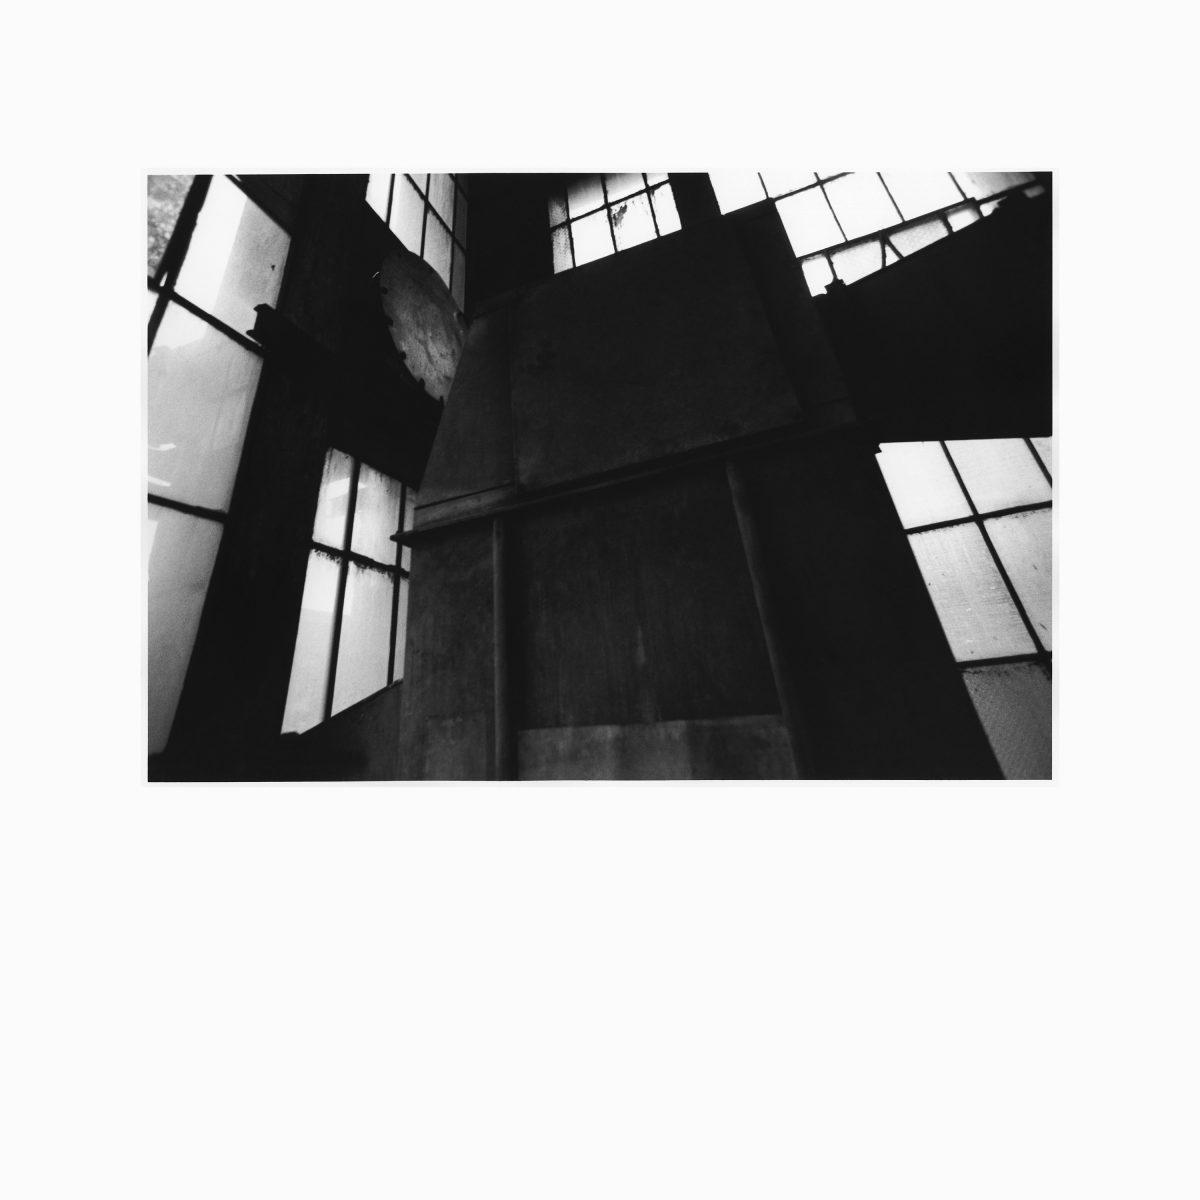 HEXA_Factory_Photographs